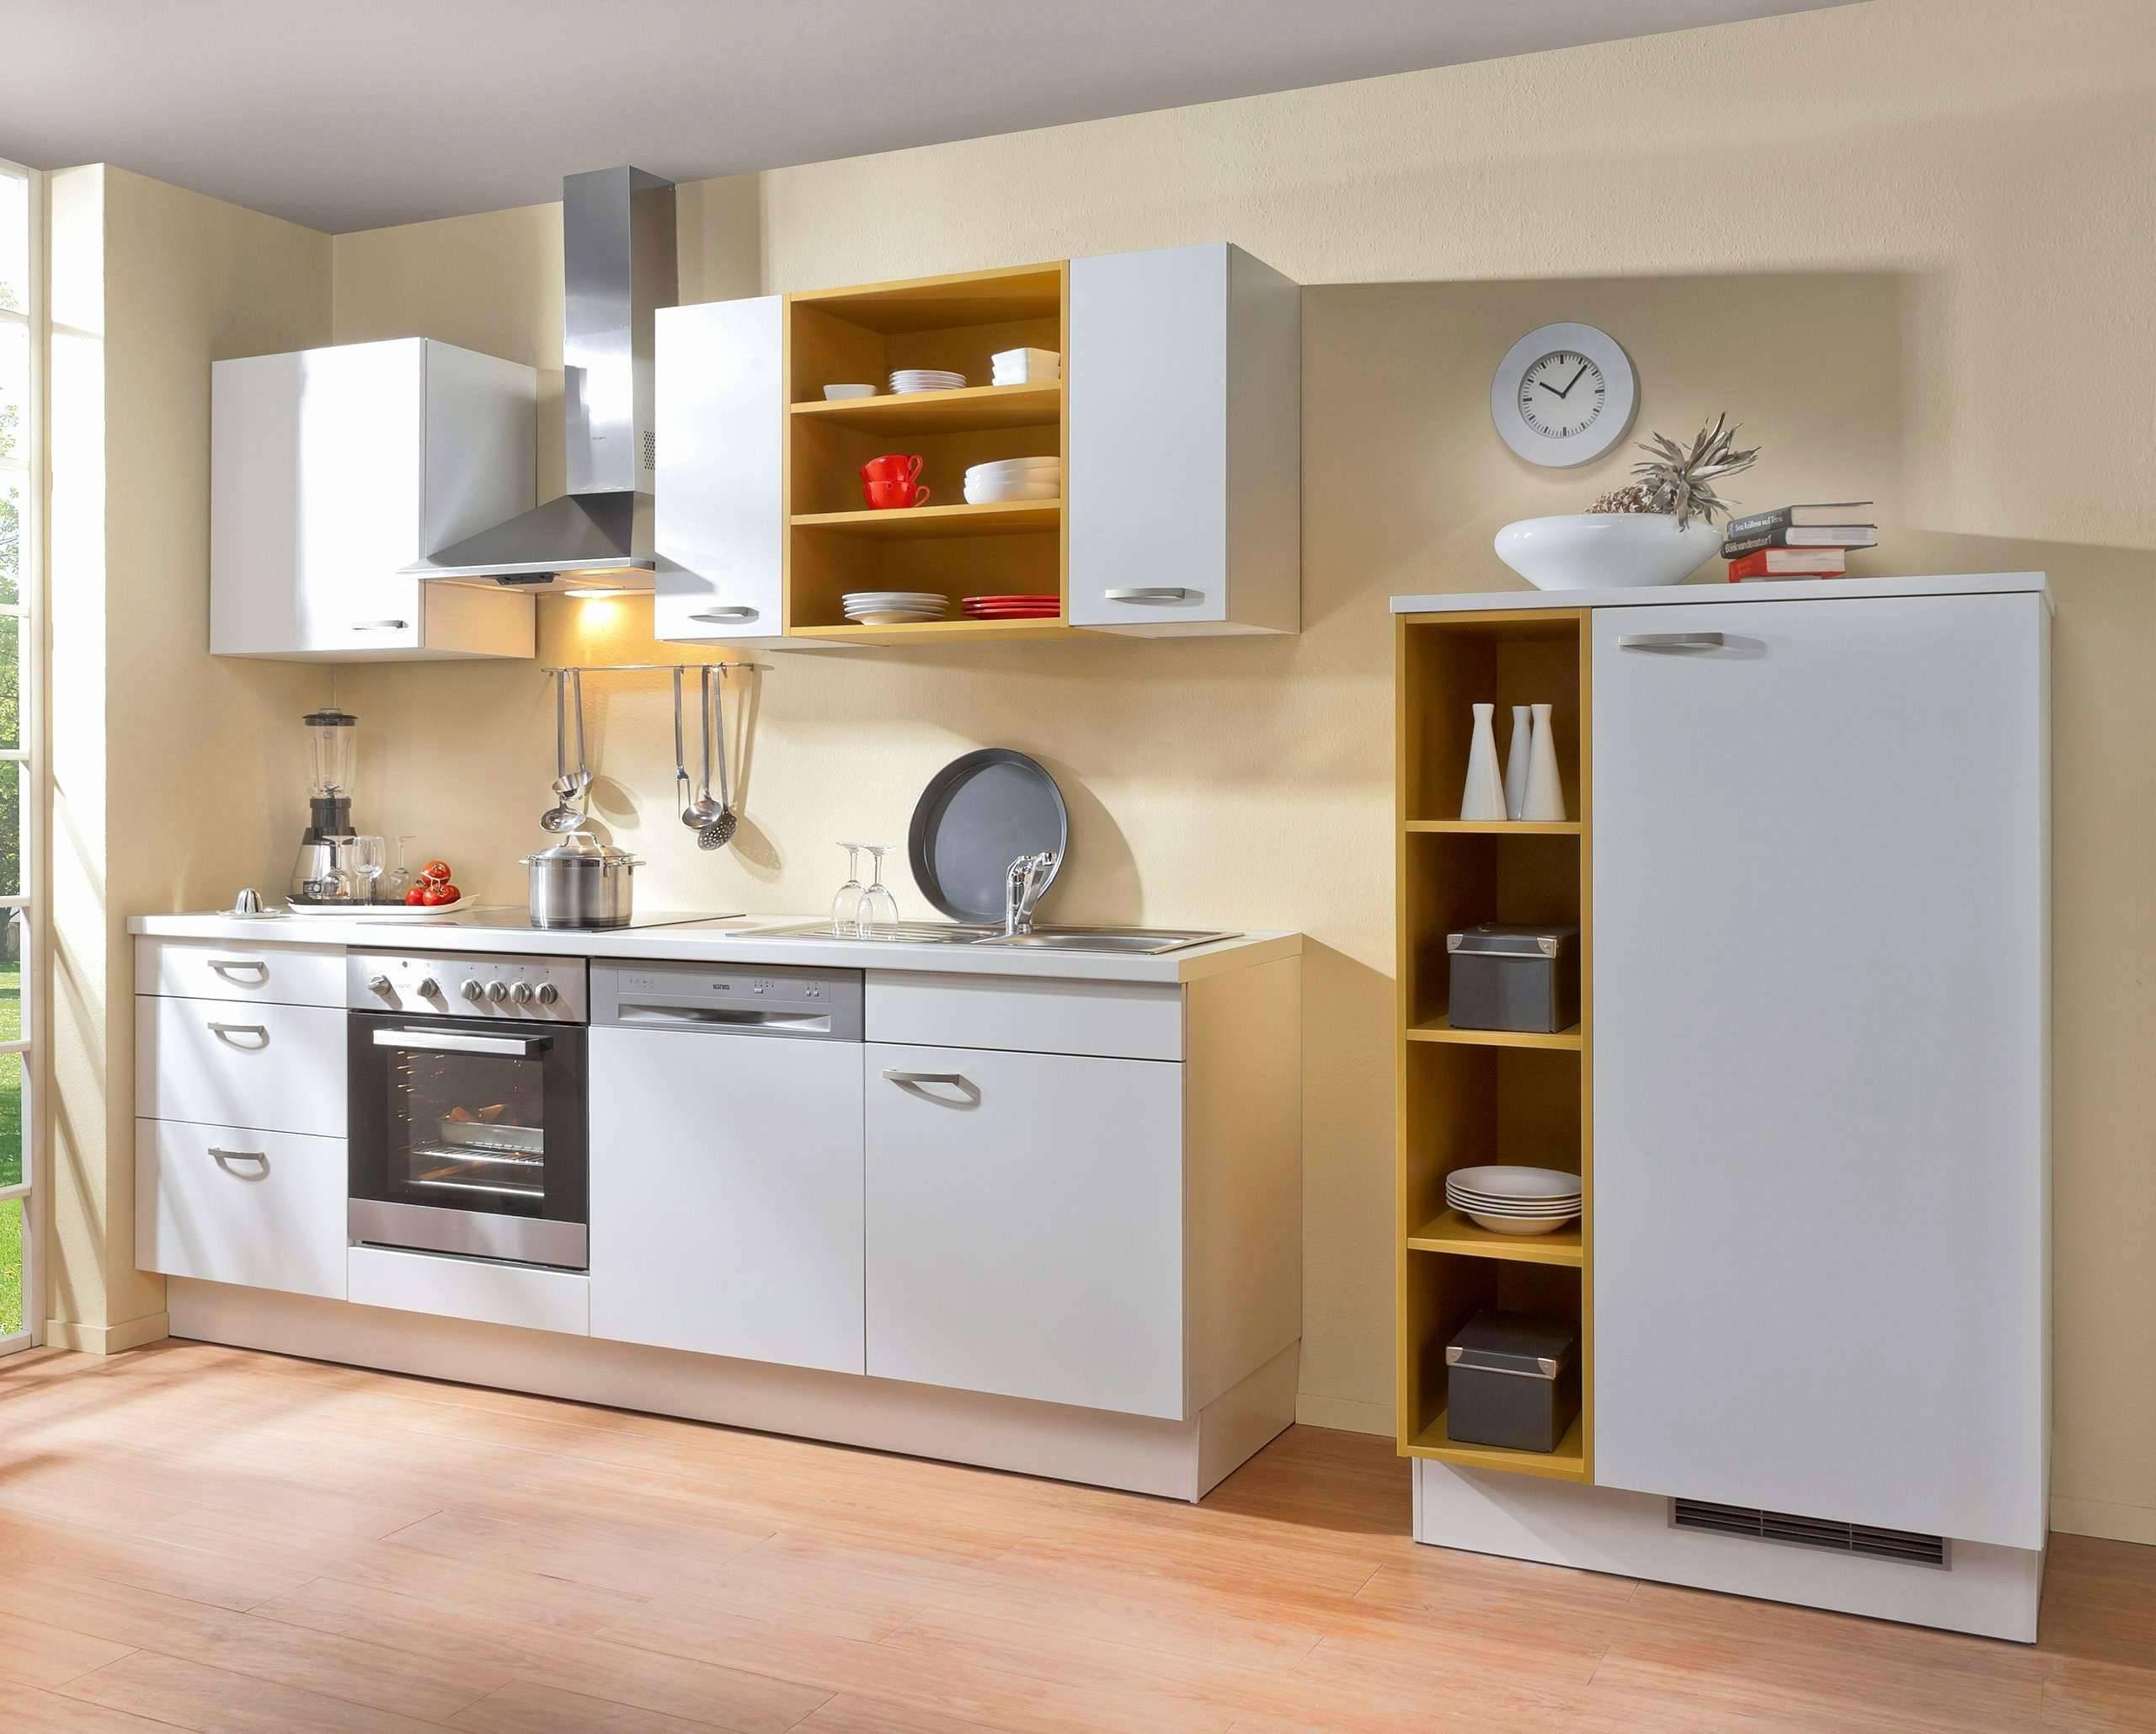 Deko Ideen Für Den Garten Luxus Inspirierend Deko Ideen Für Kleines Wohnzimmer Inspirationen